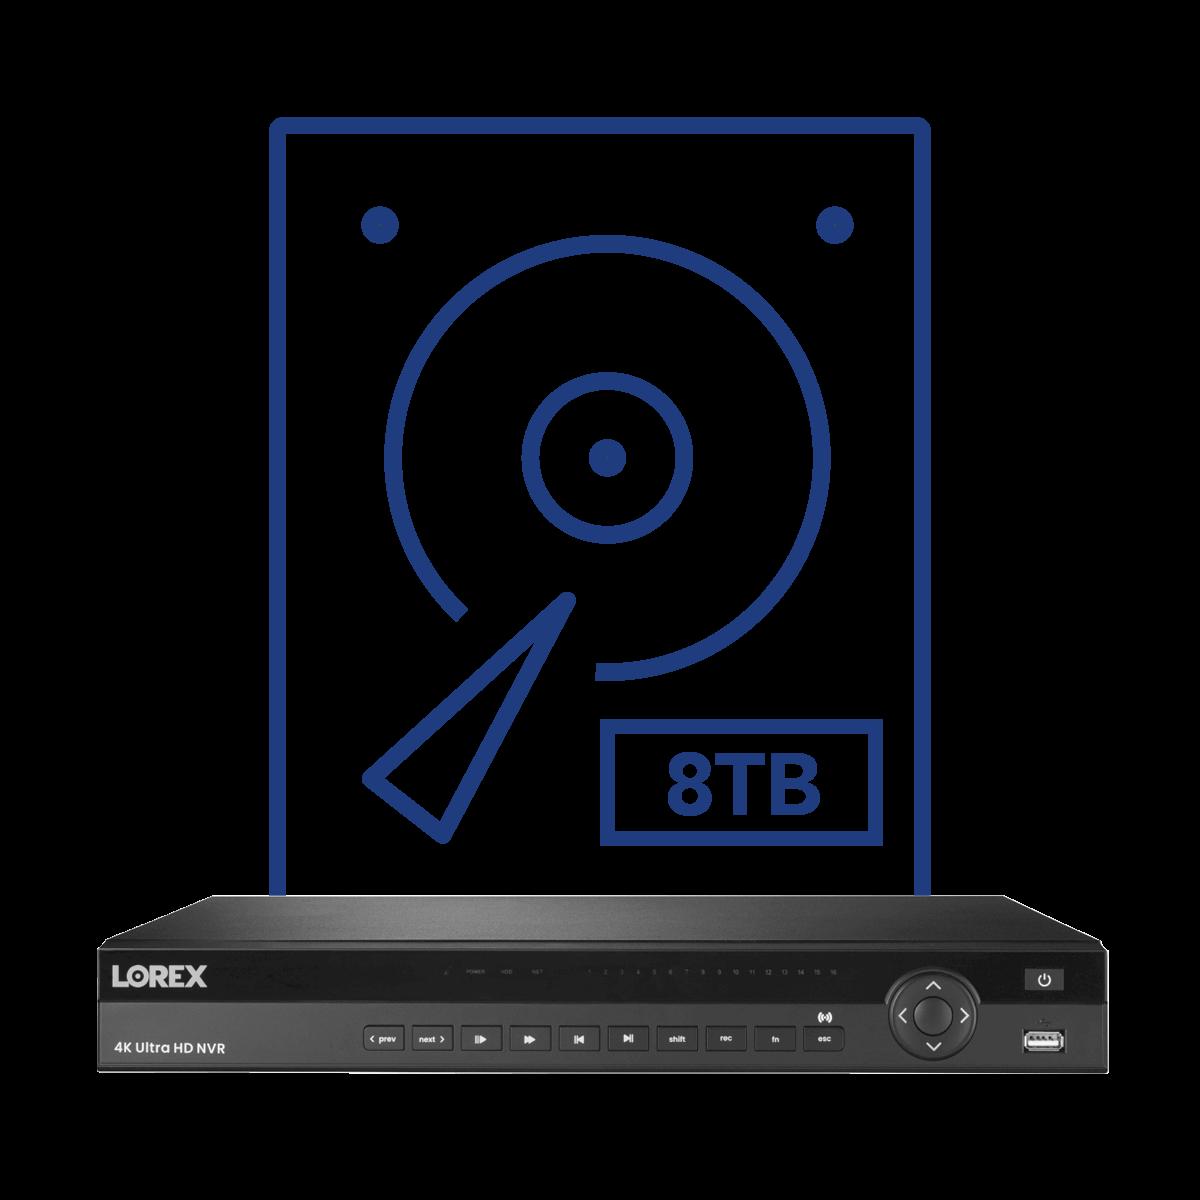 8TB security hard drive